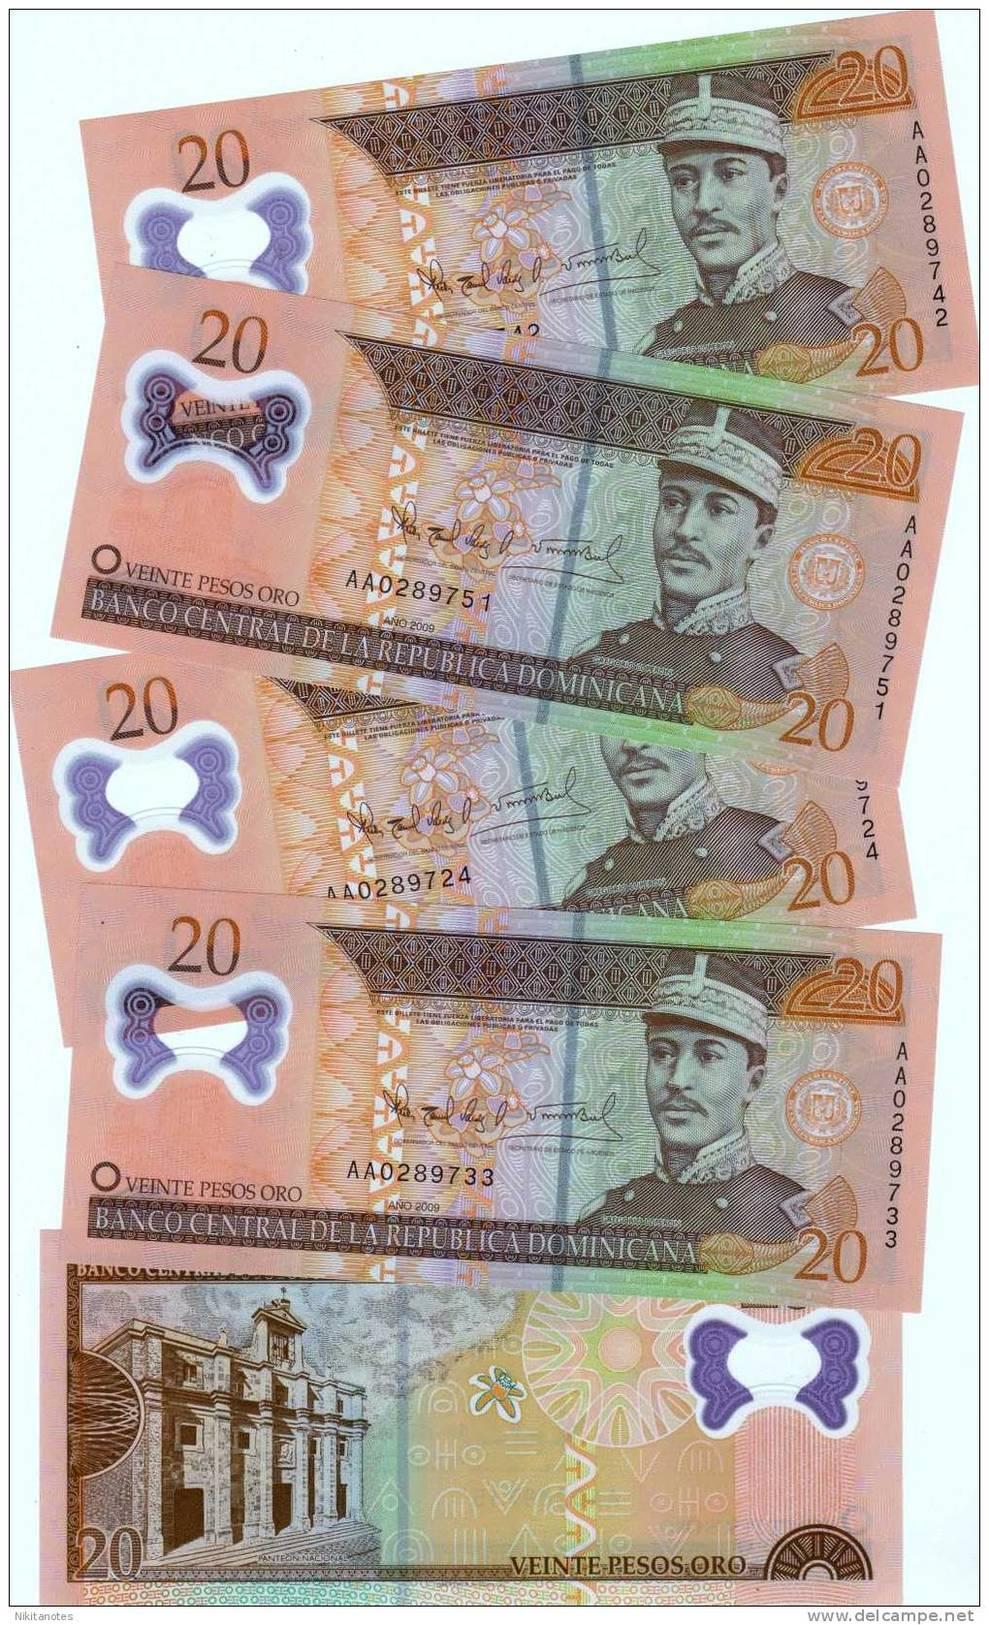 1 BANKNOTE DOMINICAN REPUBLIC 20 PESOS ORO NEW  NOTE 2010  UNC POLYMER - República Dominicana